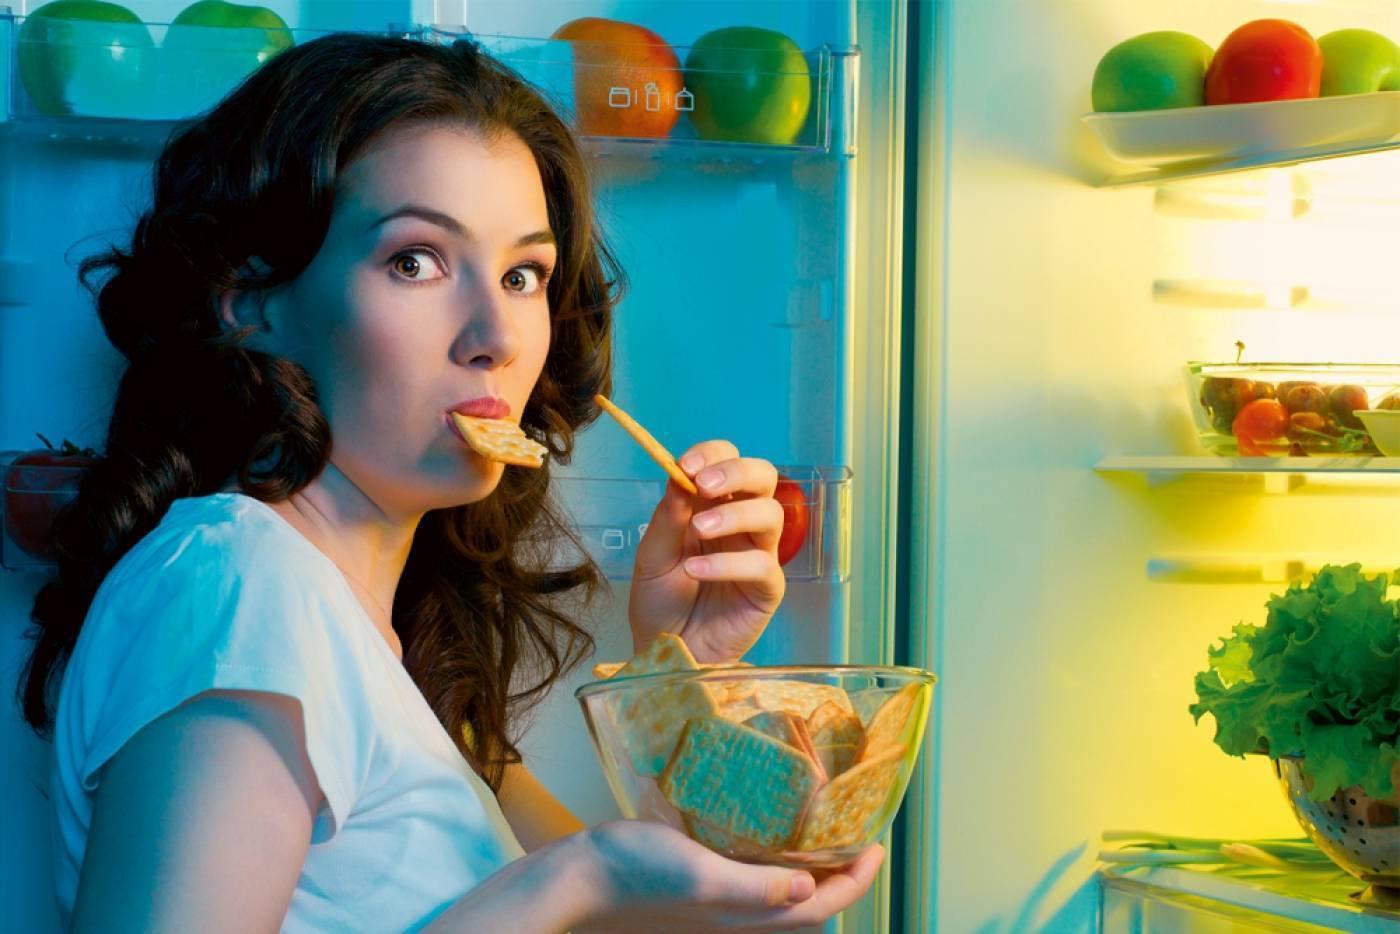 Почему с похмелья хочется есть и пить воду каждые 5 минут: хочется соленого и сладкого и съесть всякую гадость